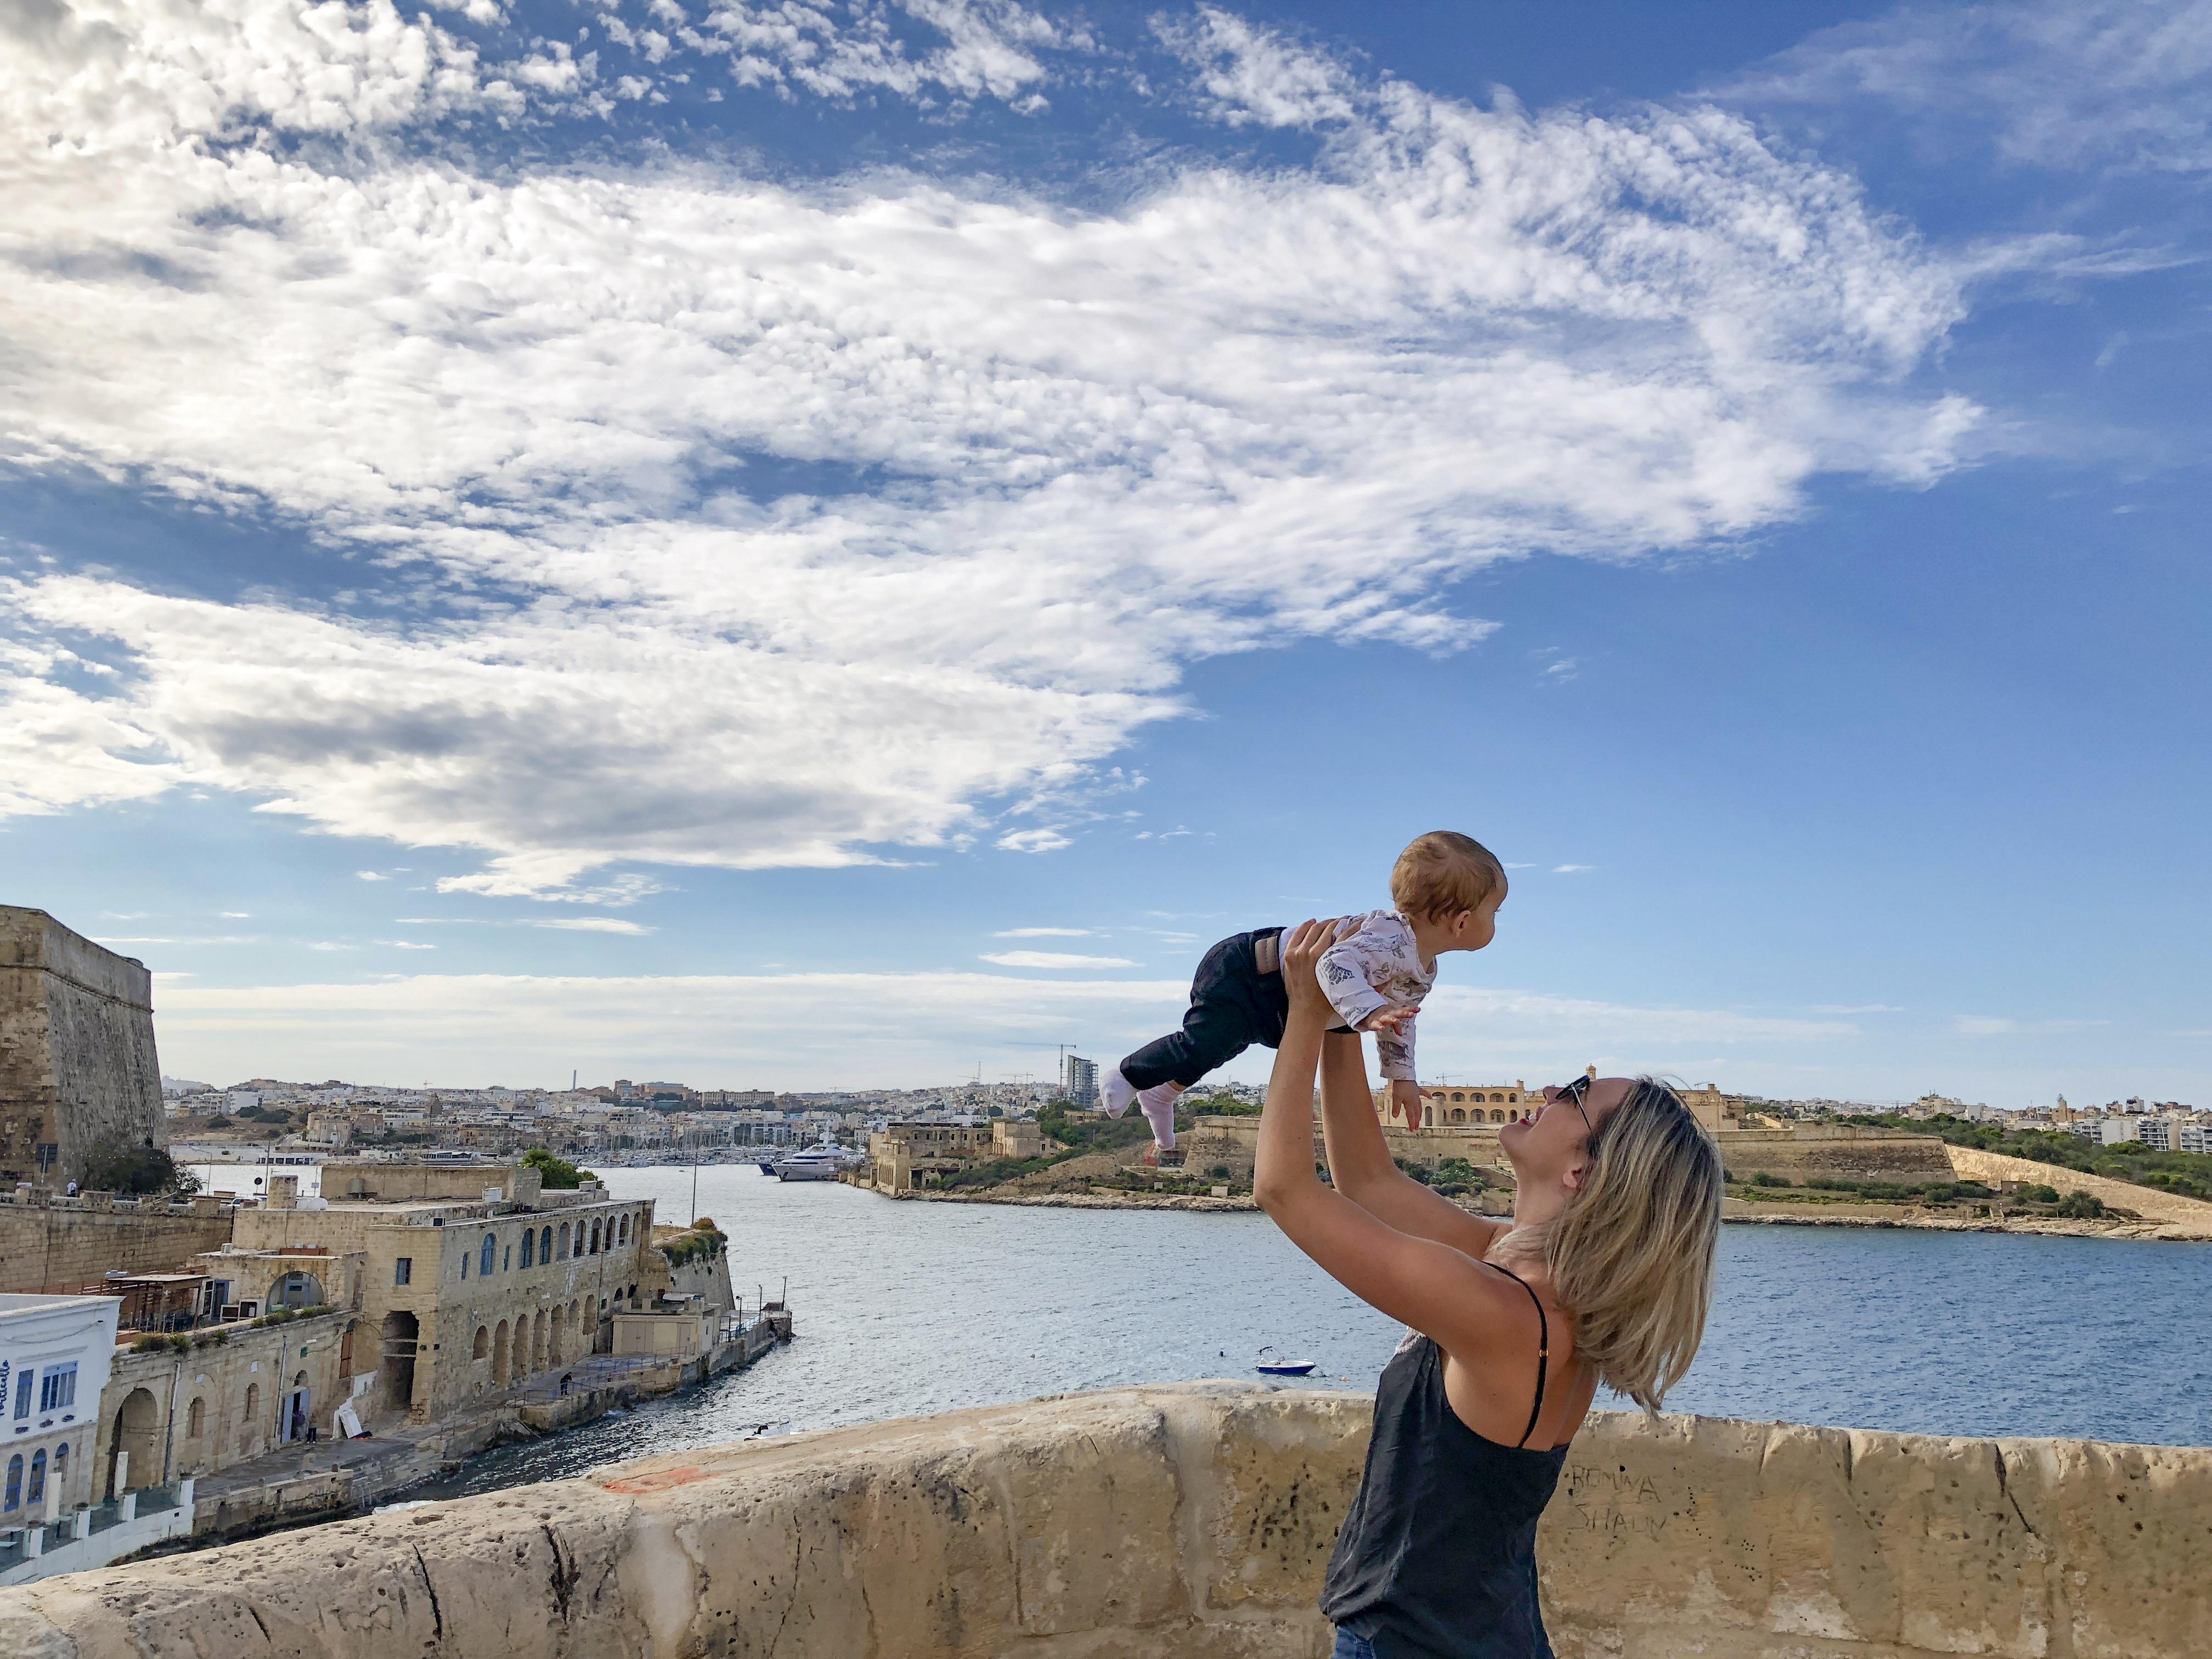 O que fazer em Malta - Valletta - Three Cities